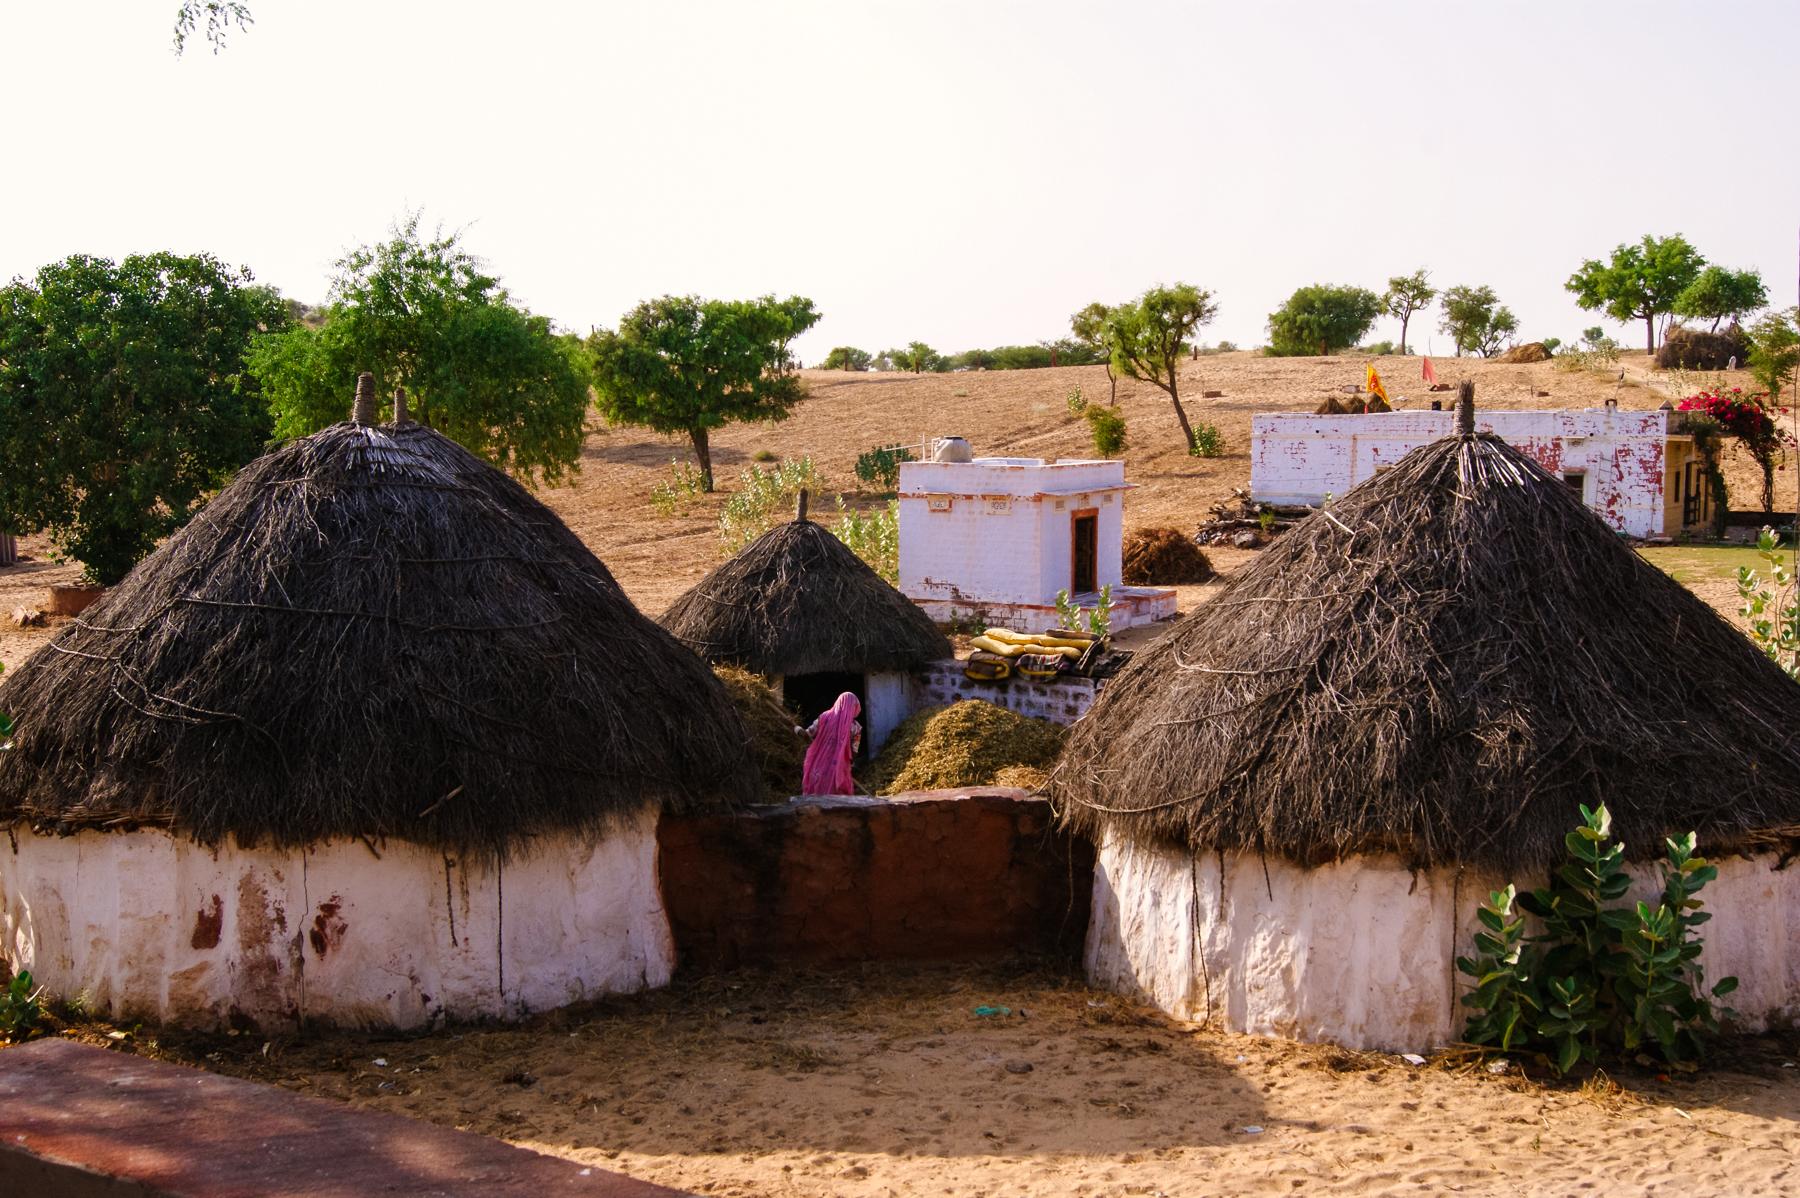 Conocí la casa de una familia en medio del desierto